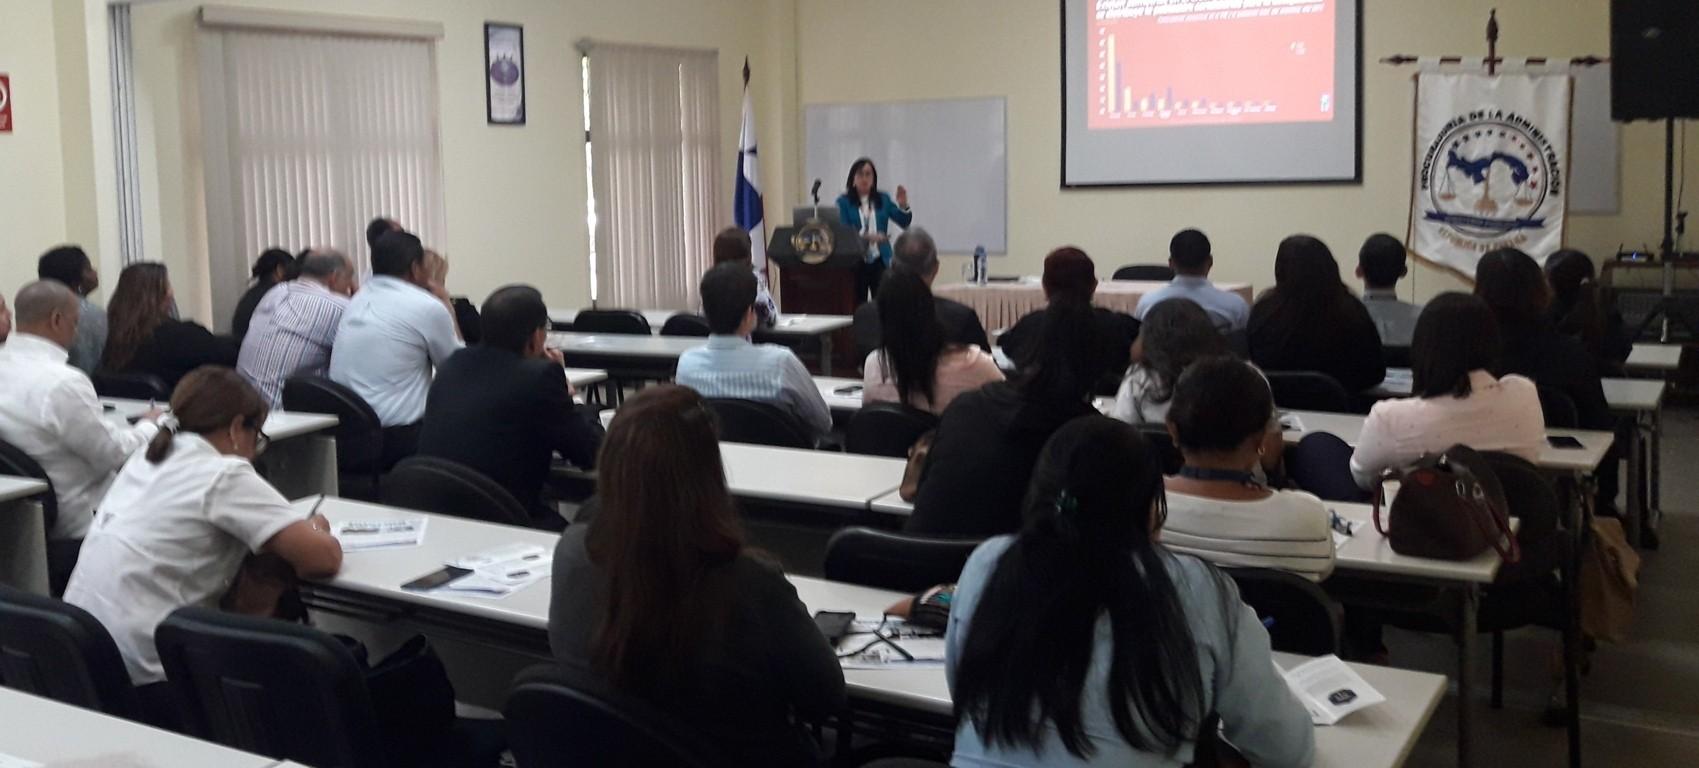 Seminario taller buenas prácticas en la administración pública